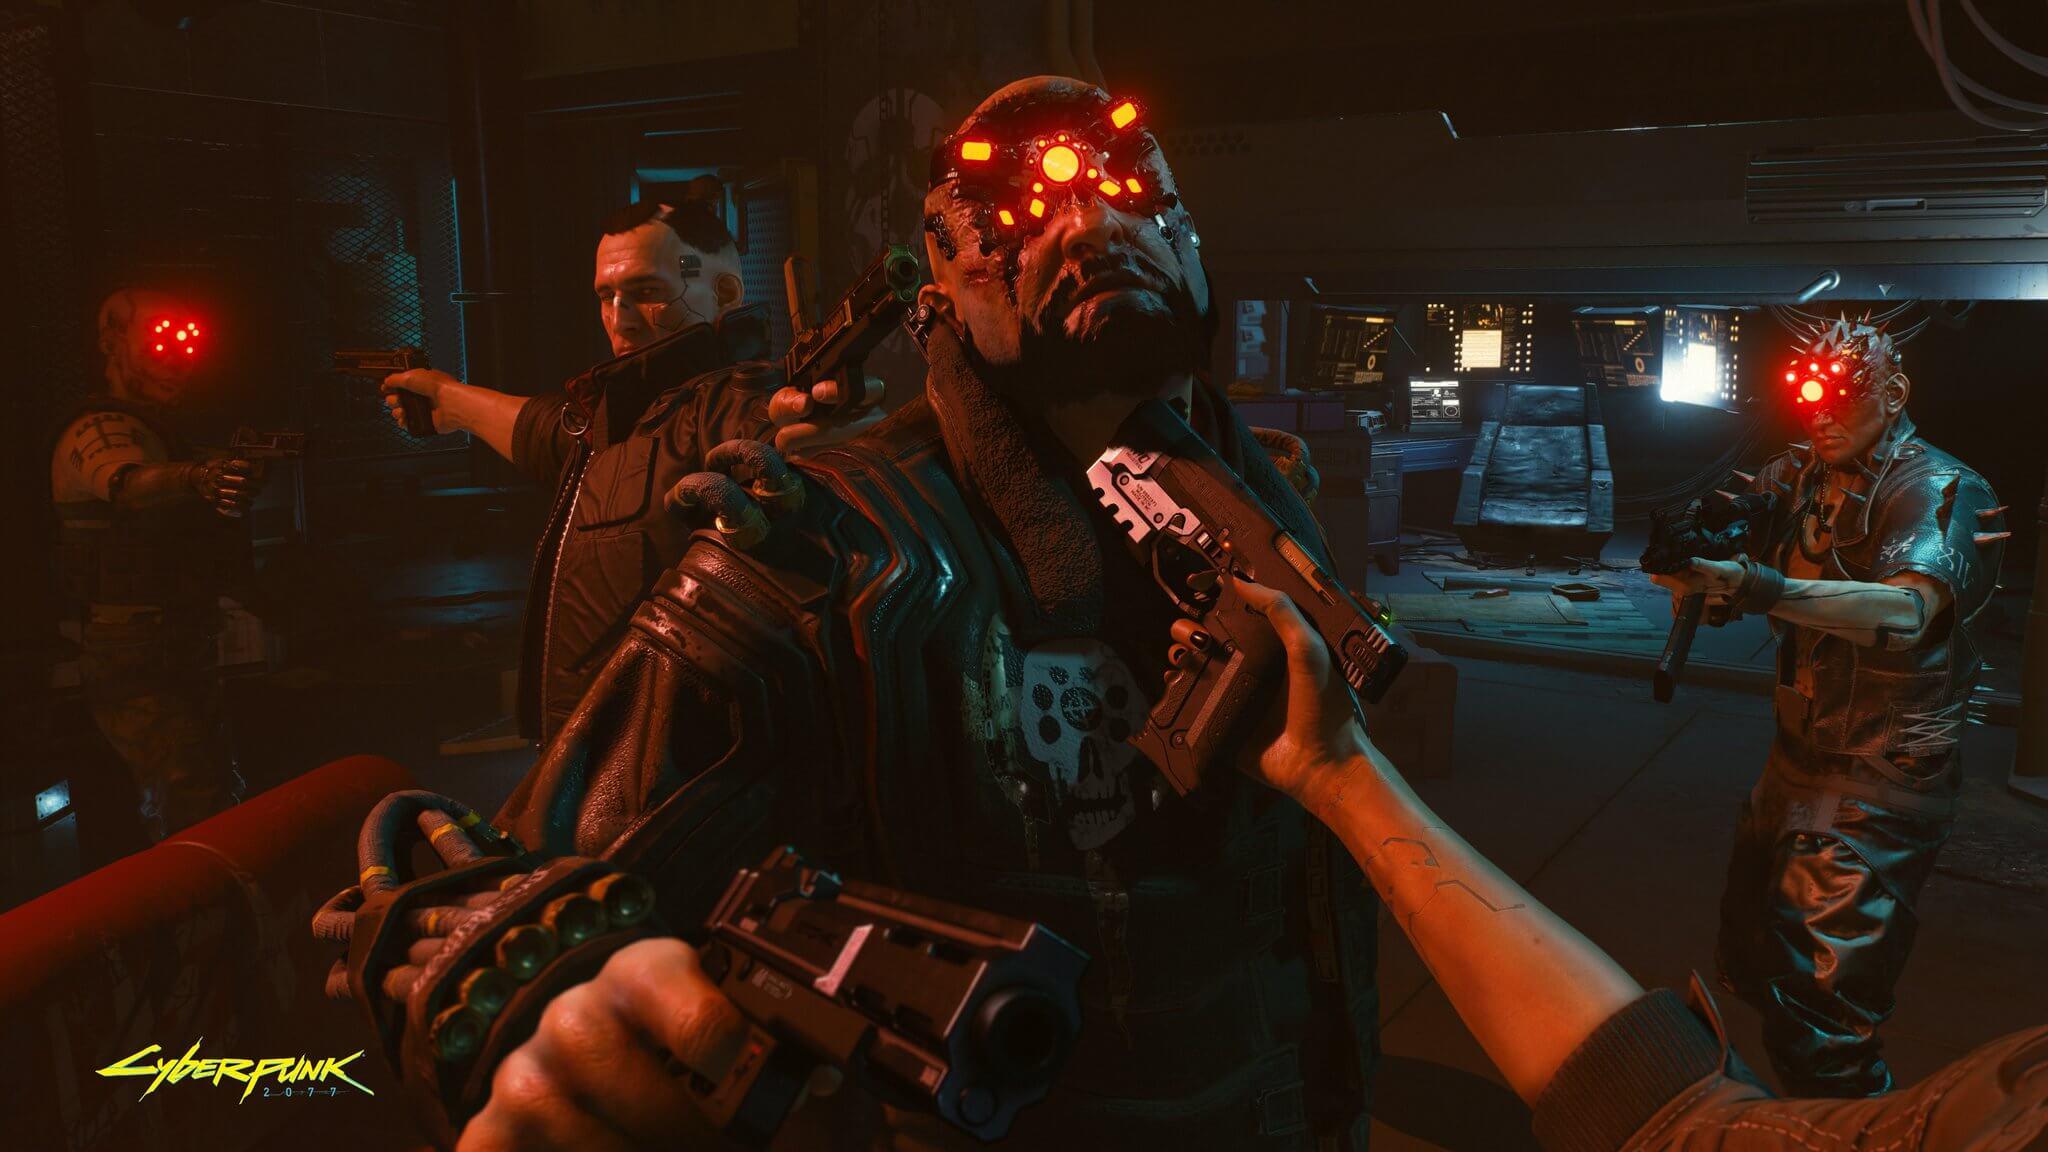 Cyberpunk-2077-gamescom-2018-2.jpg